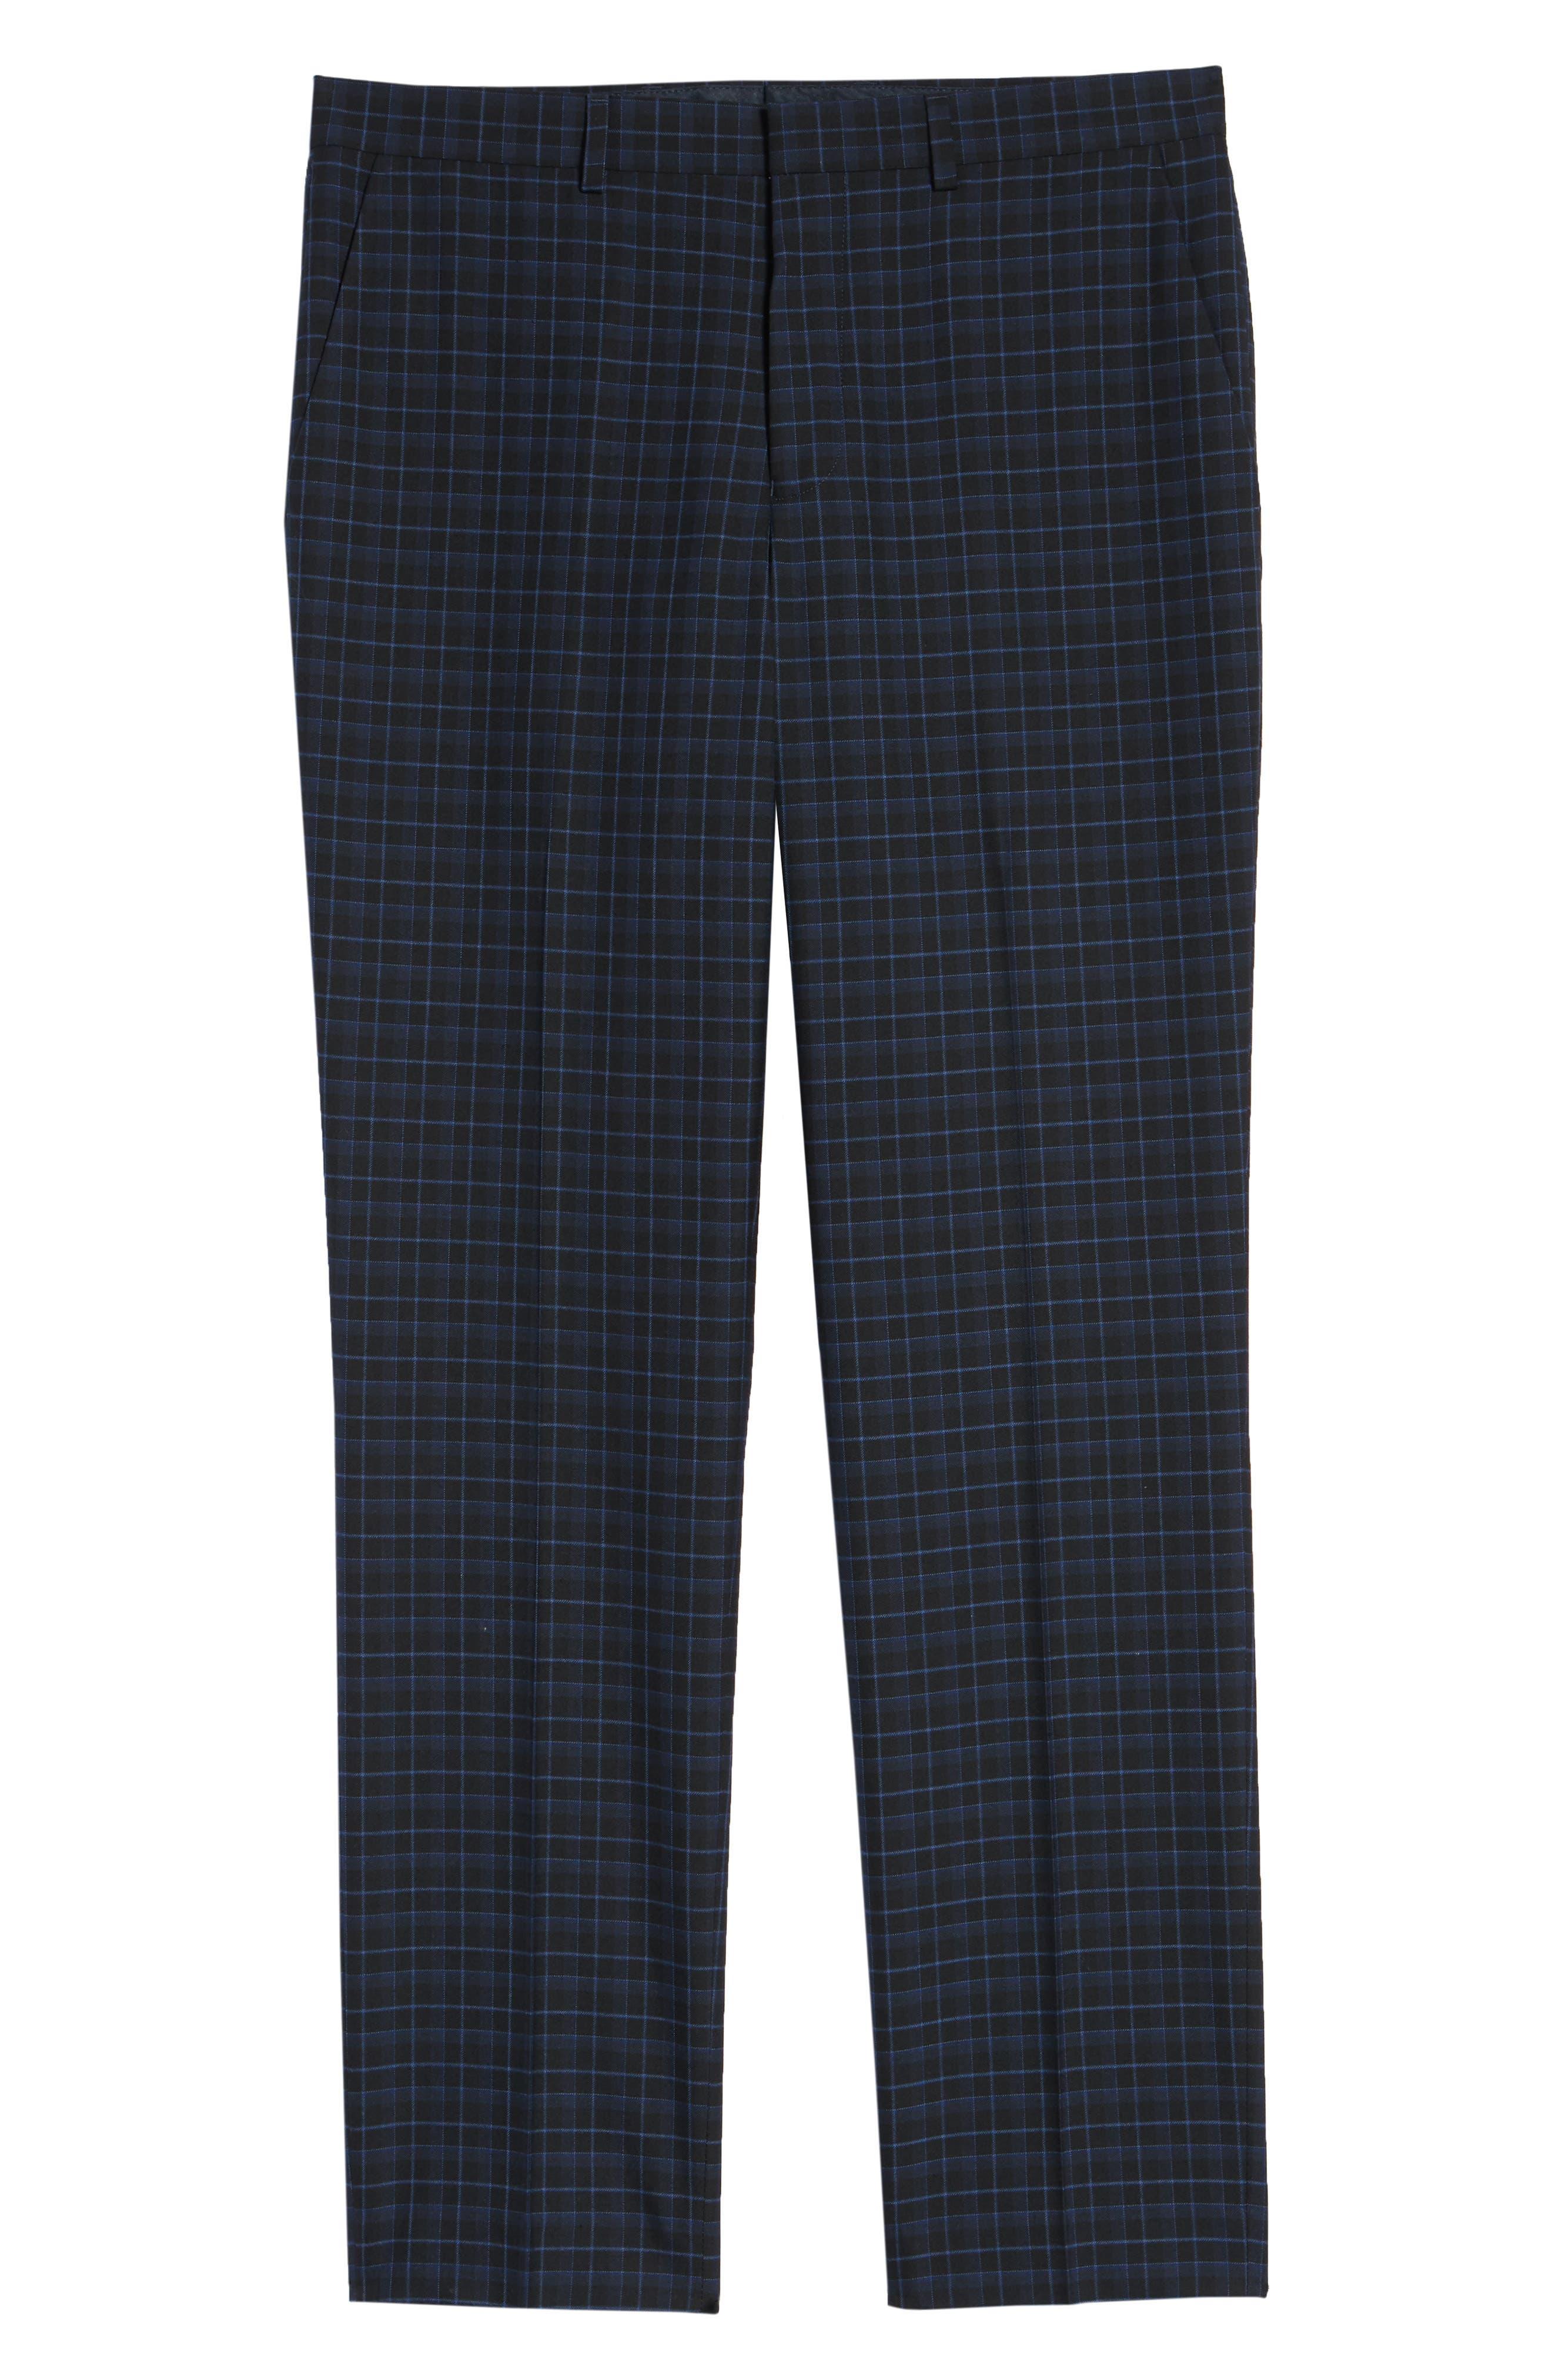 Alsager Slim Fit Check Suit Pants,                             Alternate thumbnail 6, color,                             021